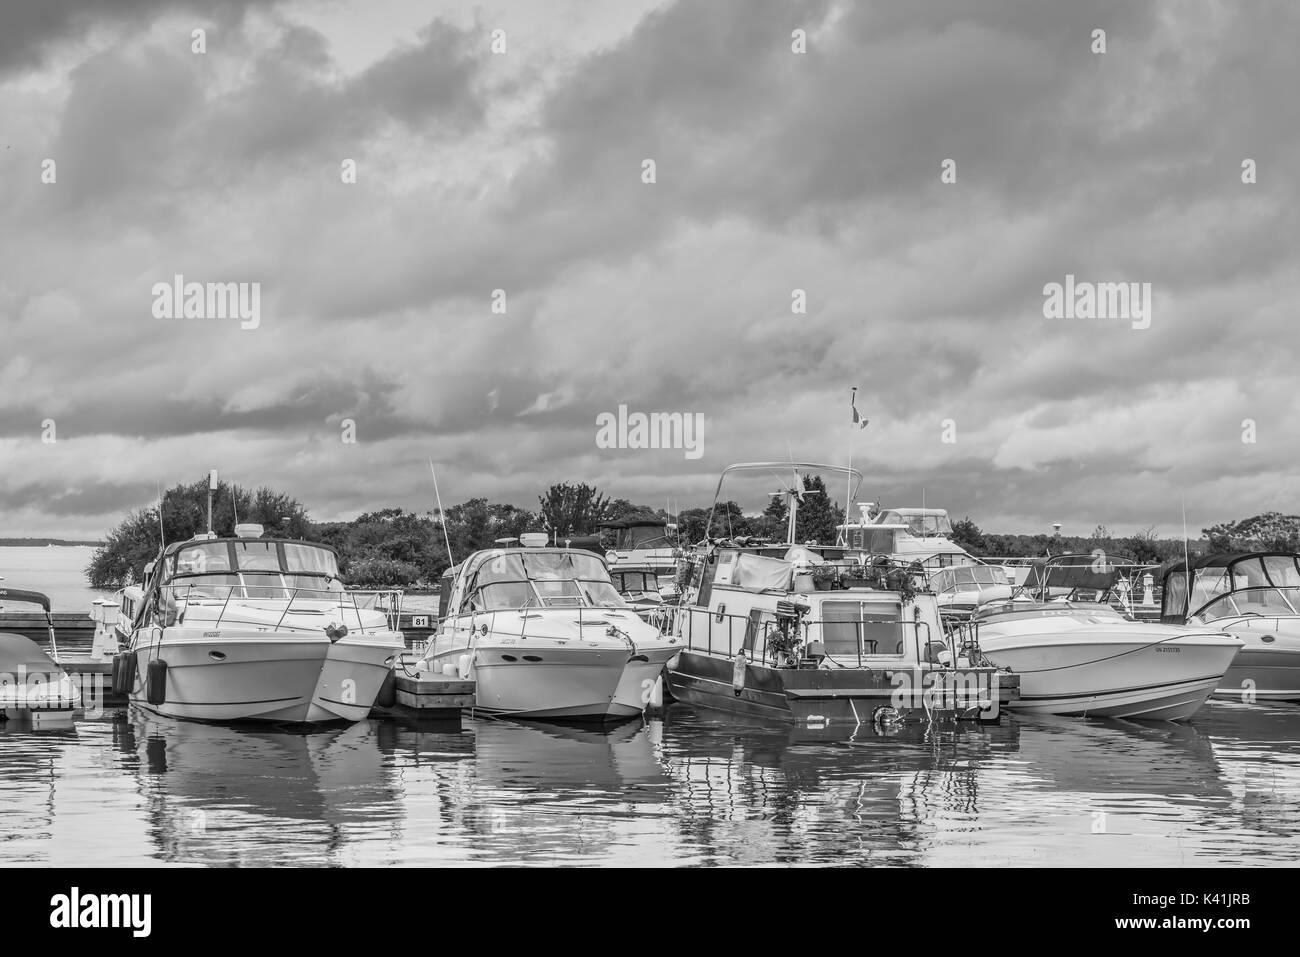 Gewitterwolken Webstuhl über den Hafen in Orillia Ontario Kanada als Vergnügen, Boote Zuflucht. Stockfoto